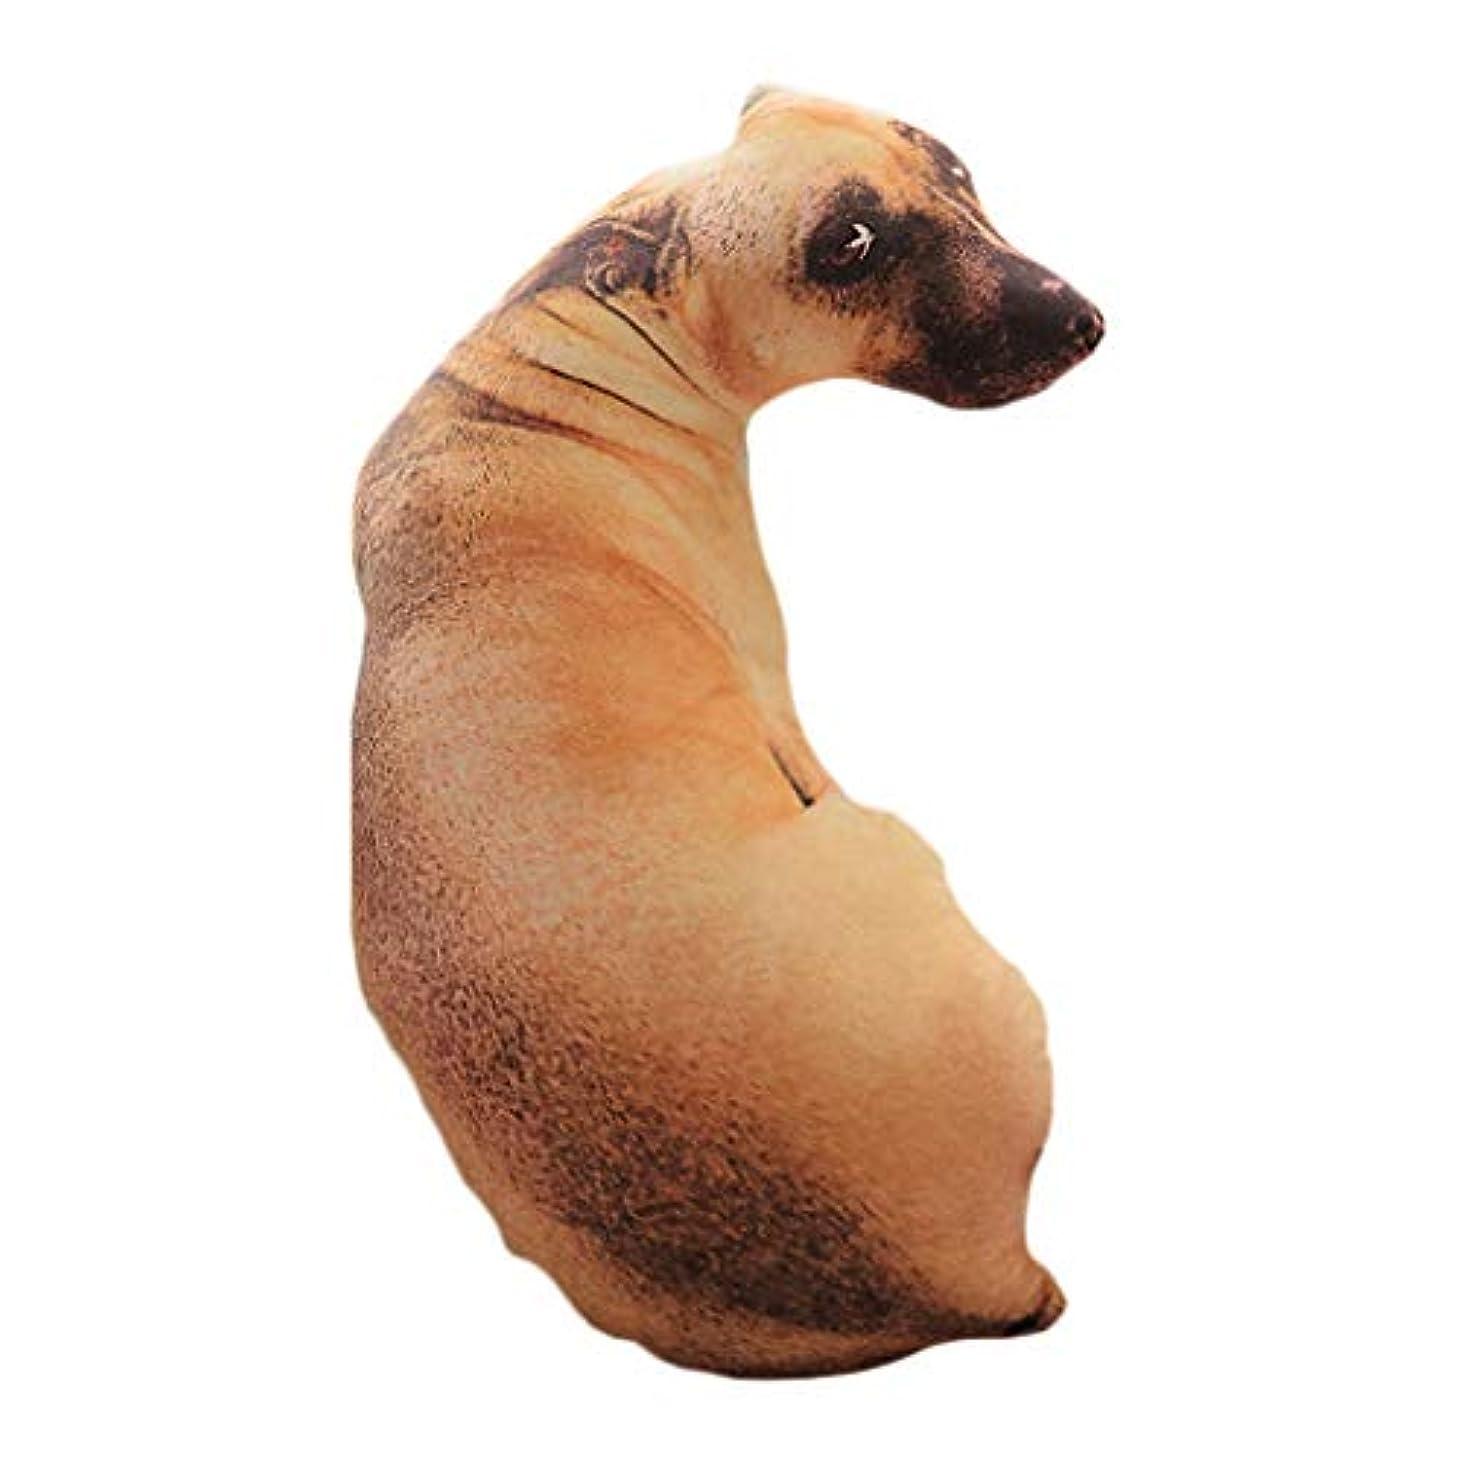 欠如うっかり担保LIFE 装飾クッションソファおかしい 3D 犬印刷スロー枕創造クッションかわいいぬいぐるみギフト家の装飾 coussin decoratif クッション 椅子